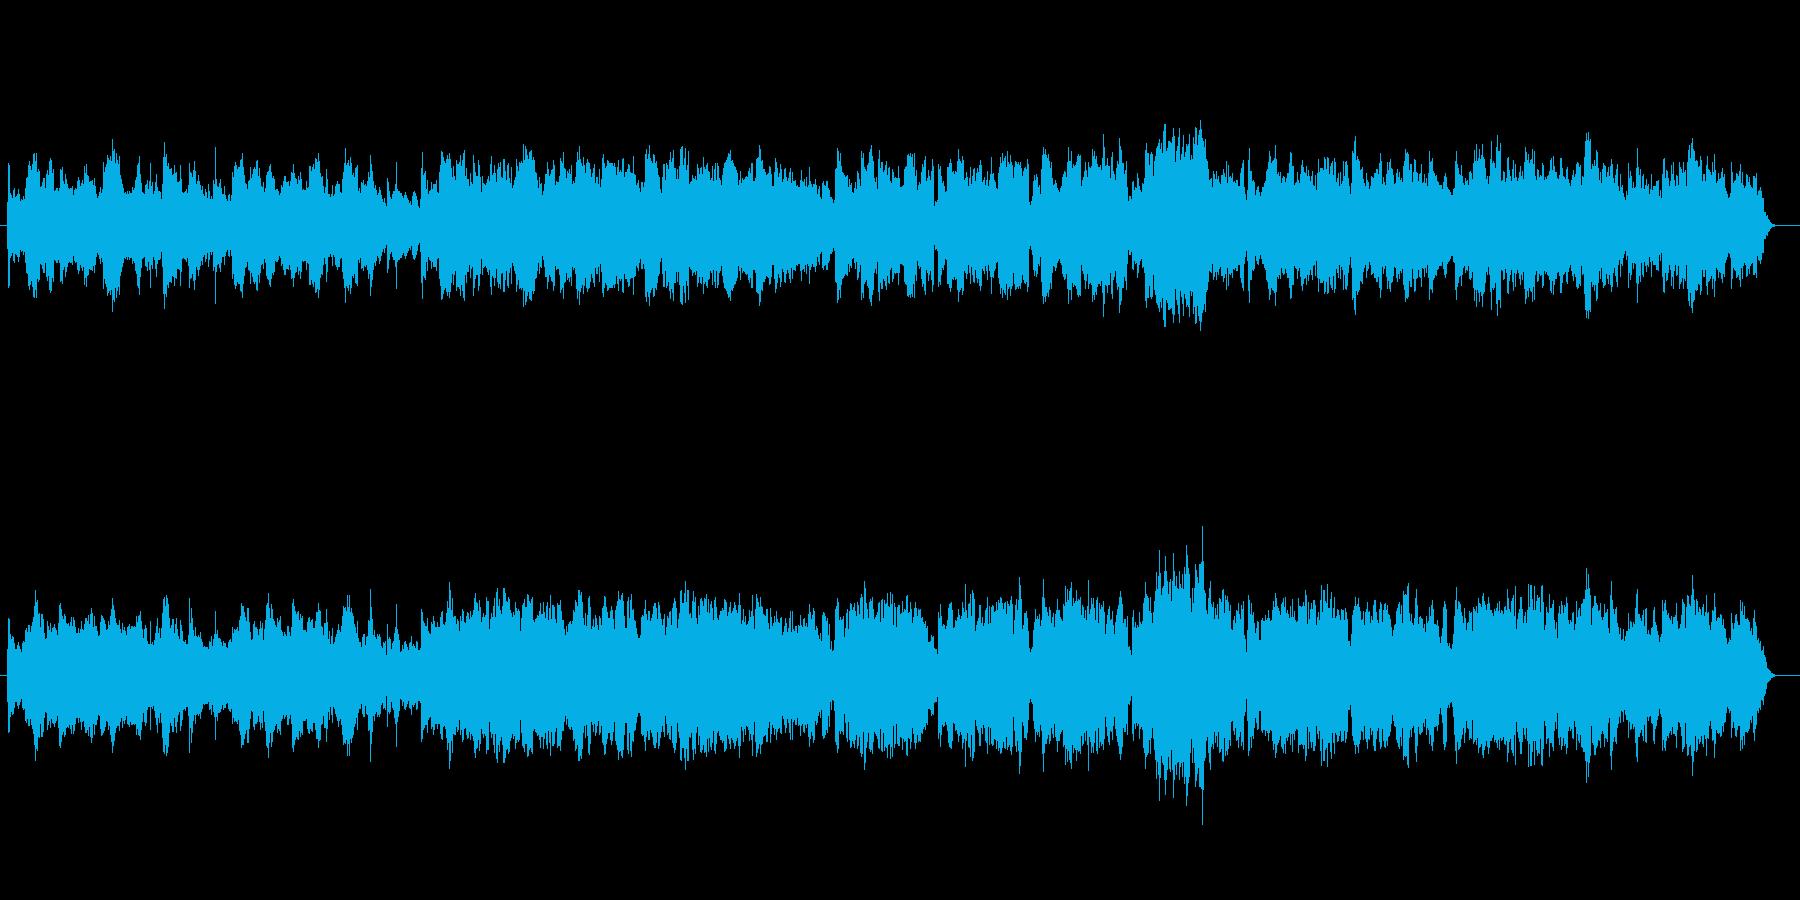 ロマンチックな民族調ワルツの子守歌の再生済みの波形